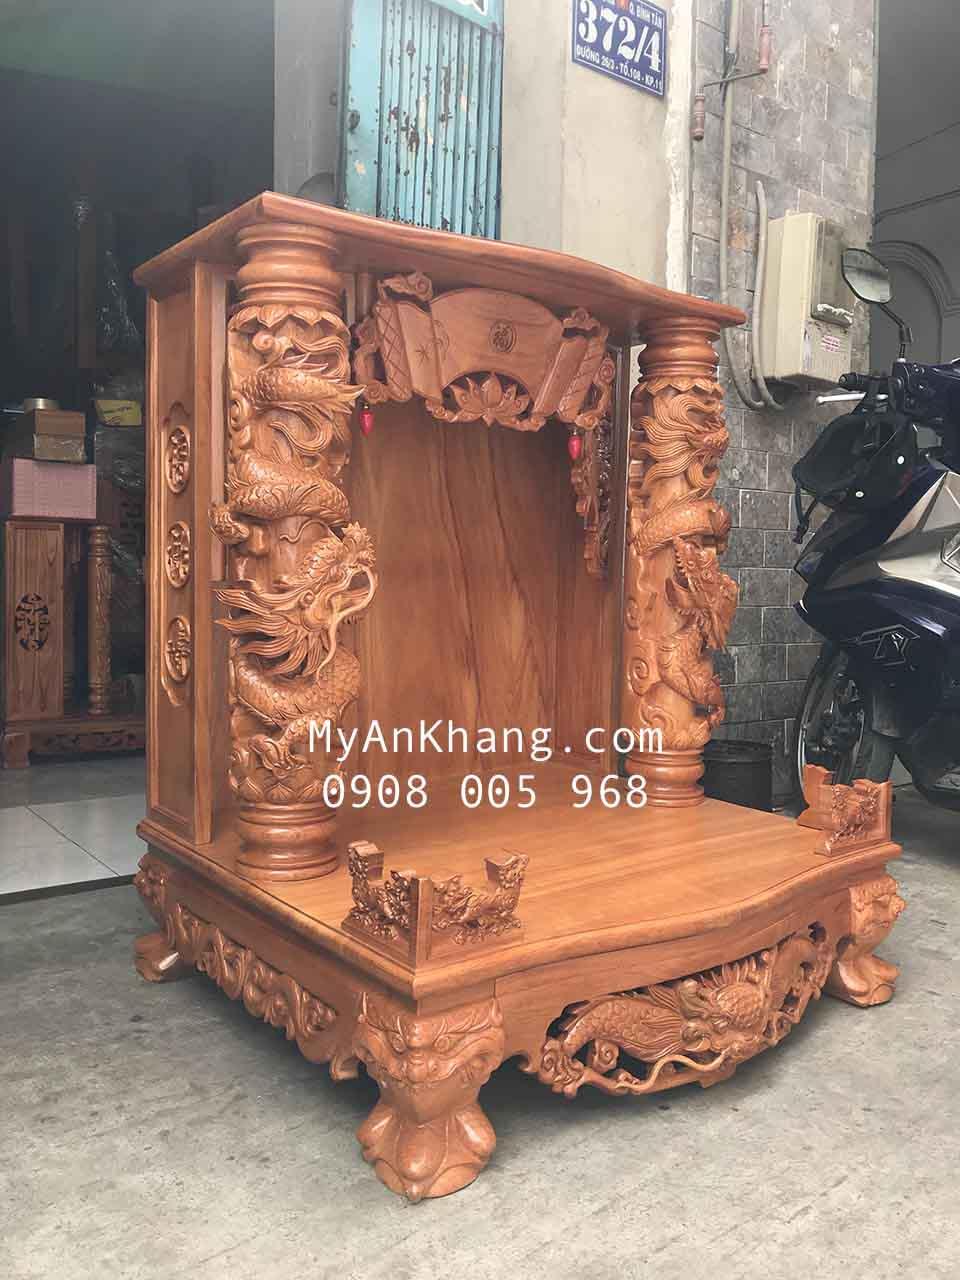 Mẫu bàn thờ ông địa thần tài đẹp VIP nhất TPHCM